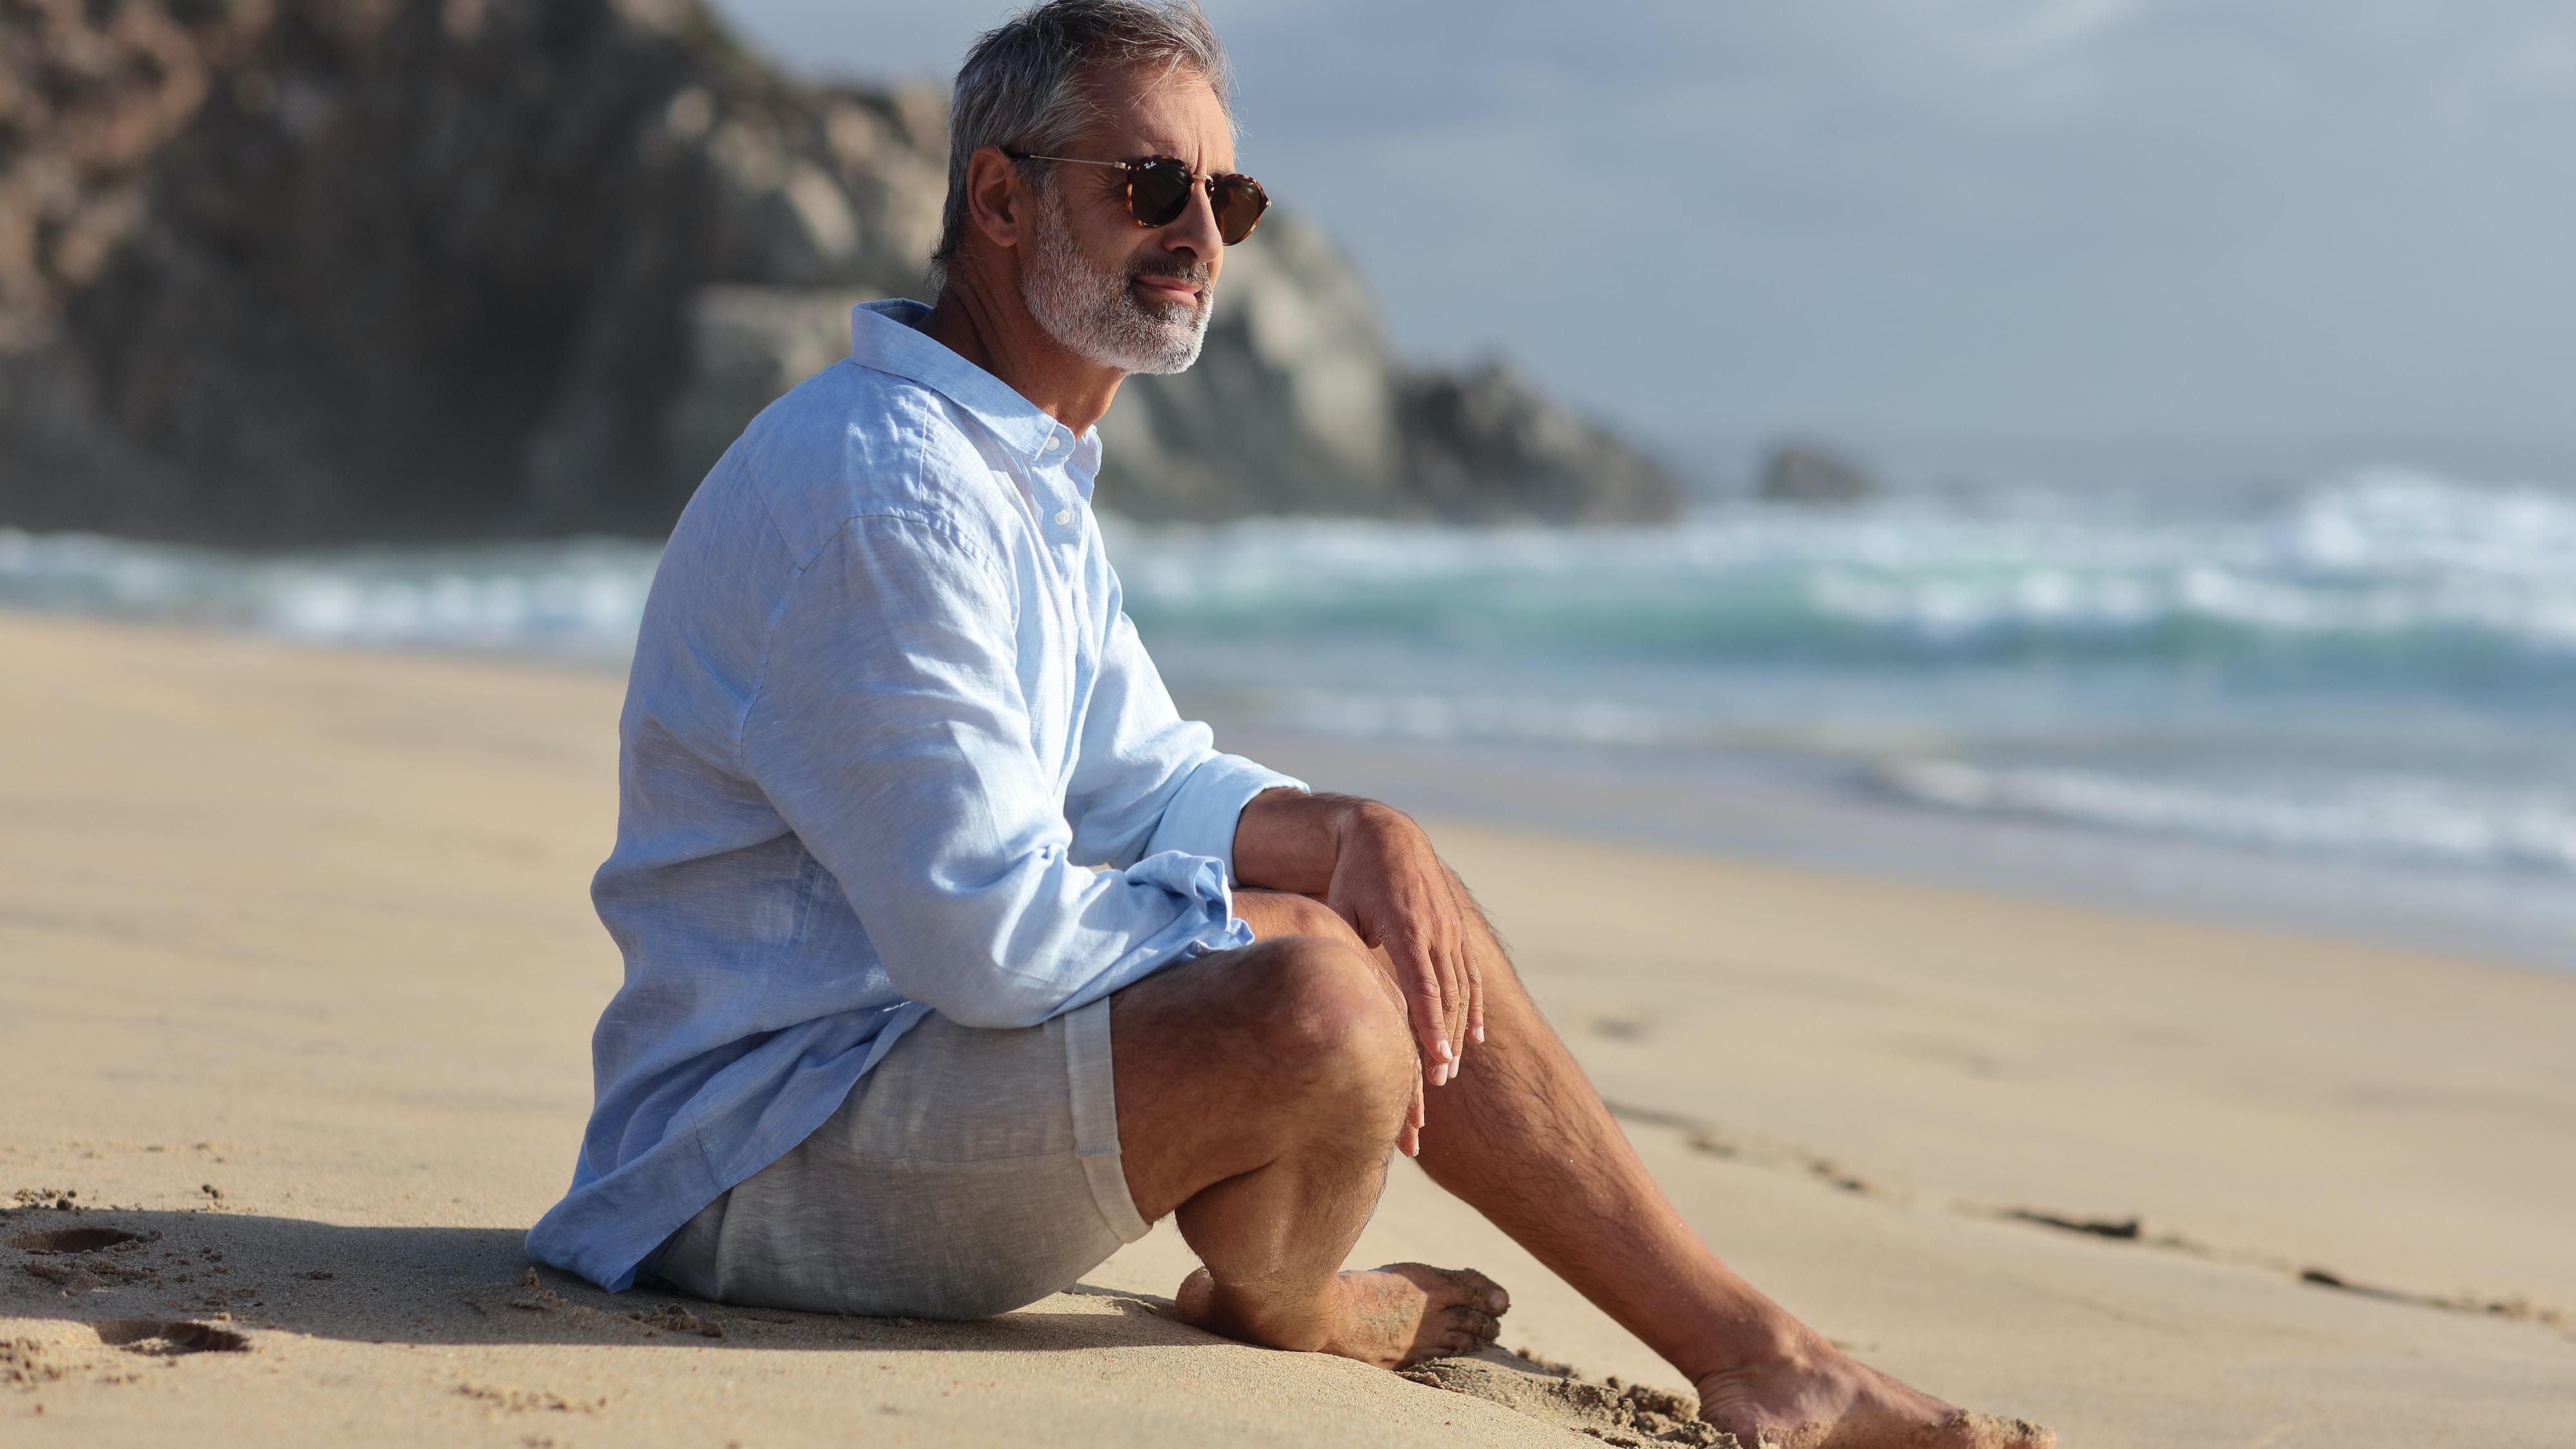 man wearing blue dress shirt sitting on seashore at daytime